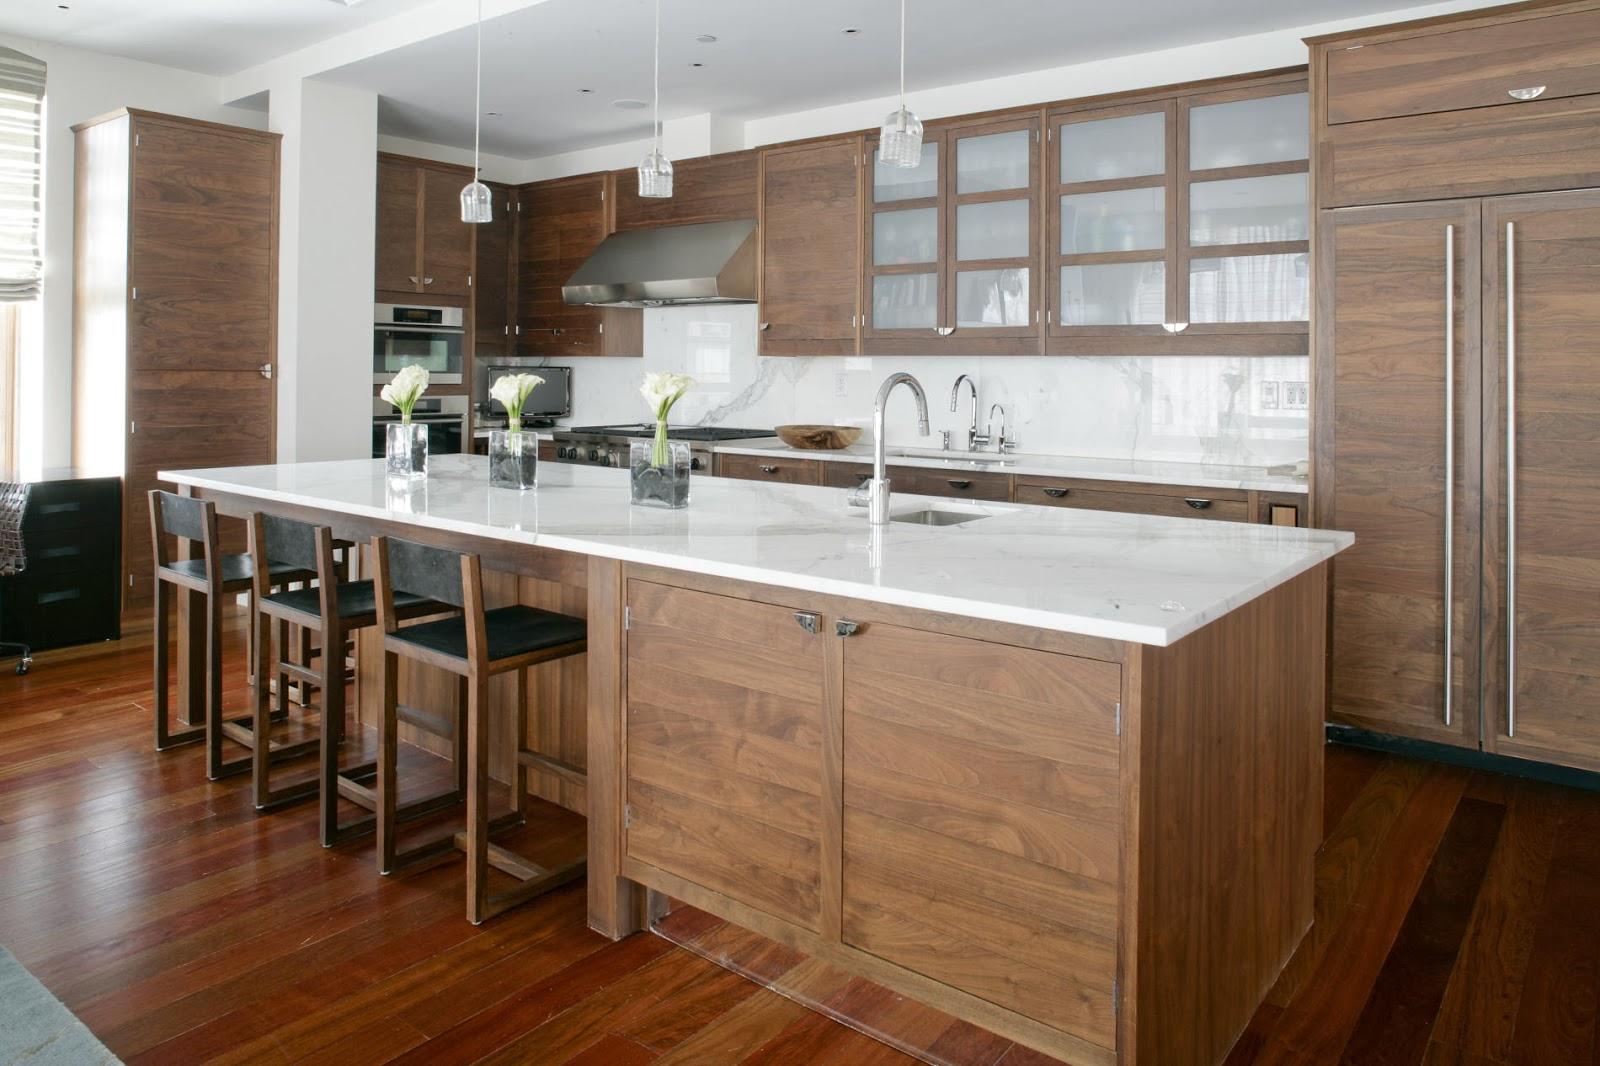 Alderwood Kitchen Cabinets With Granite